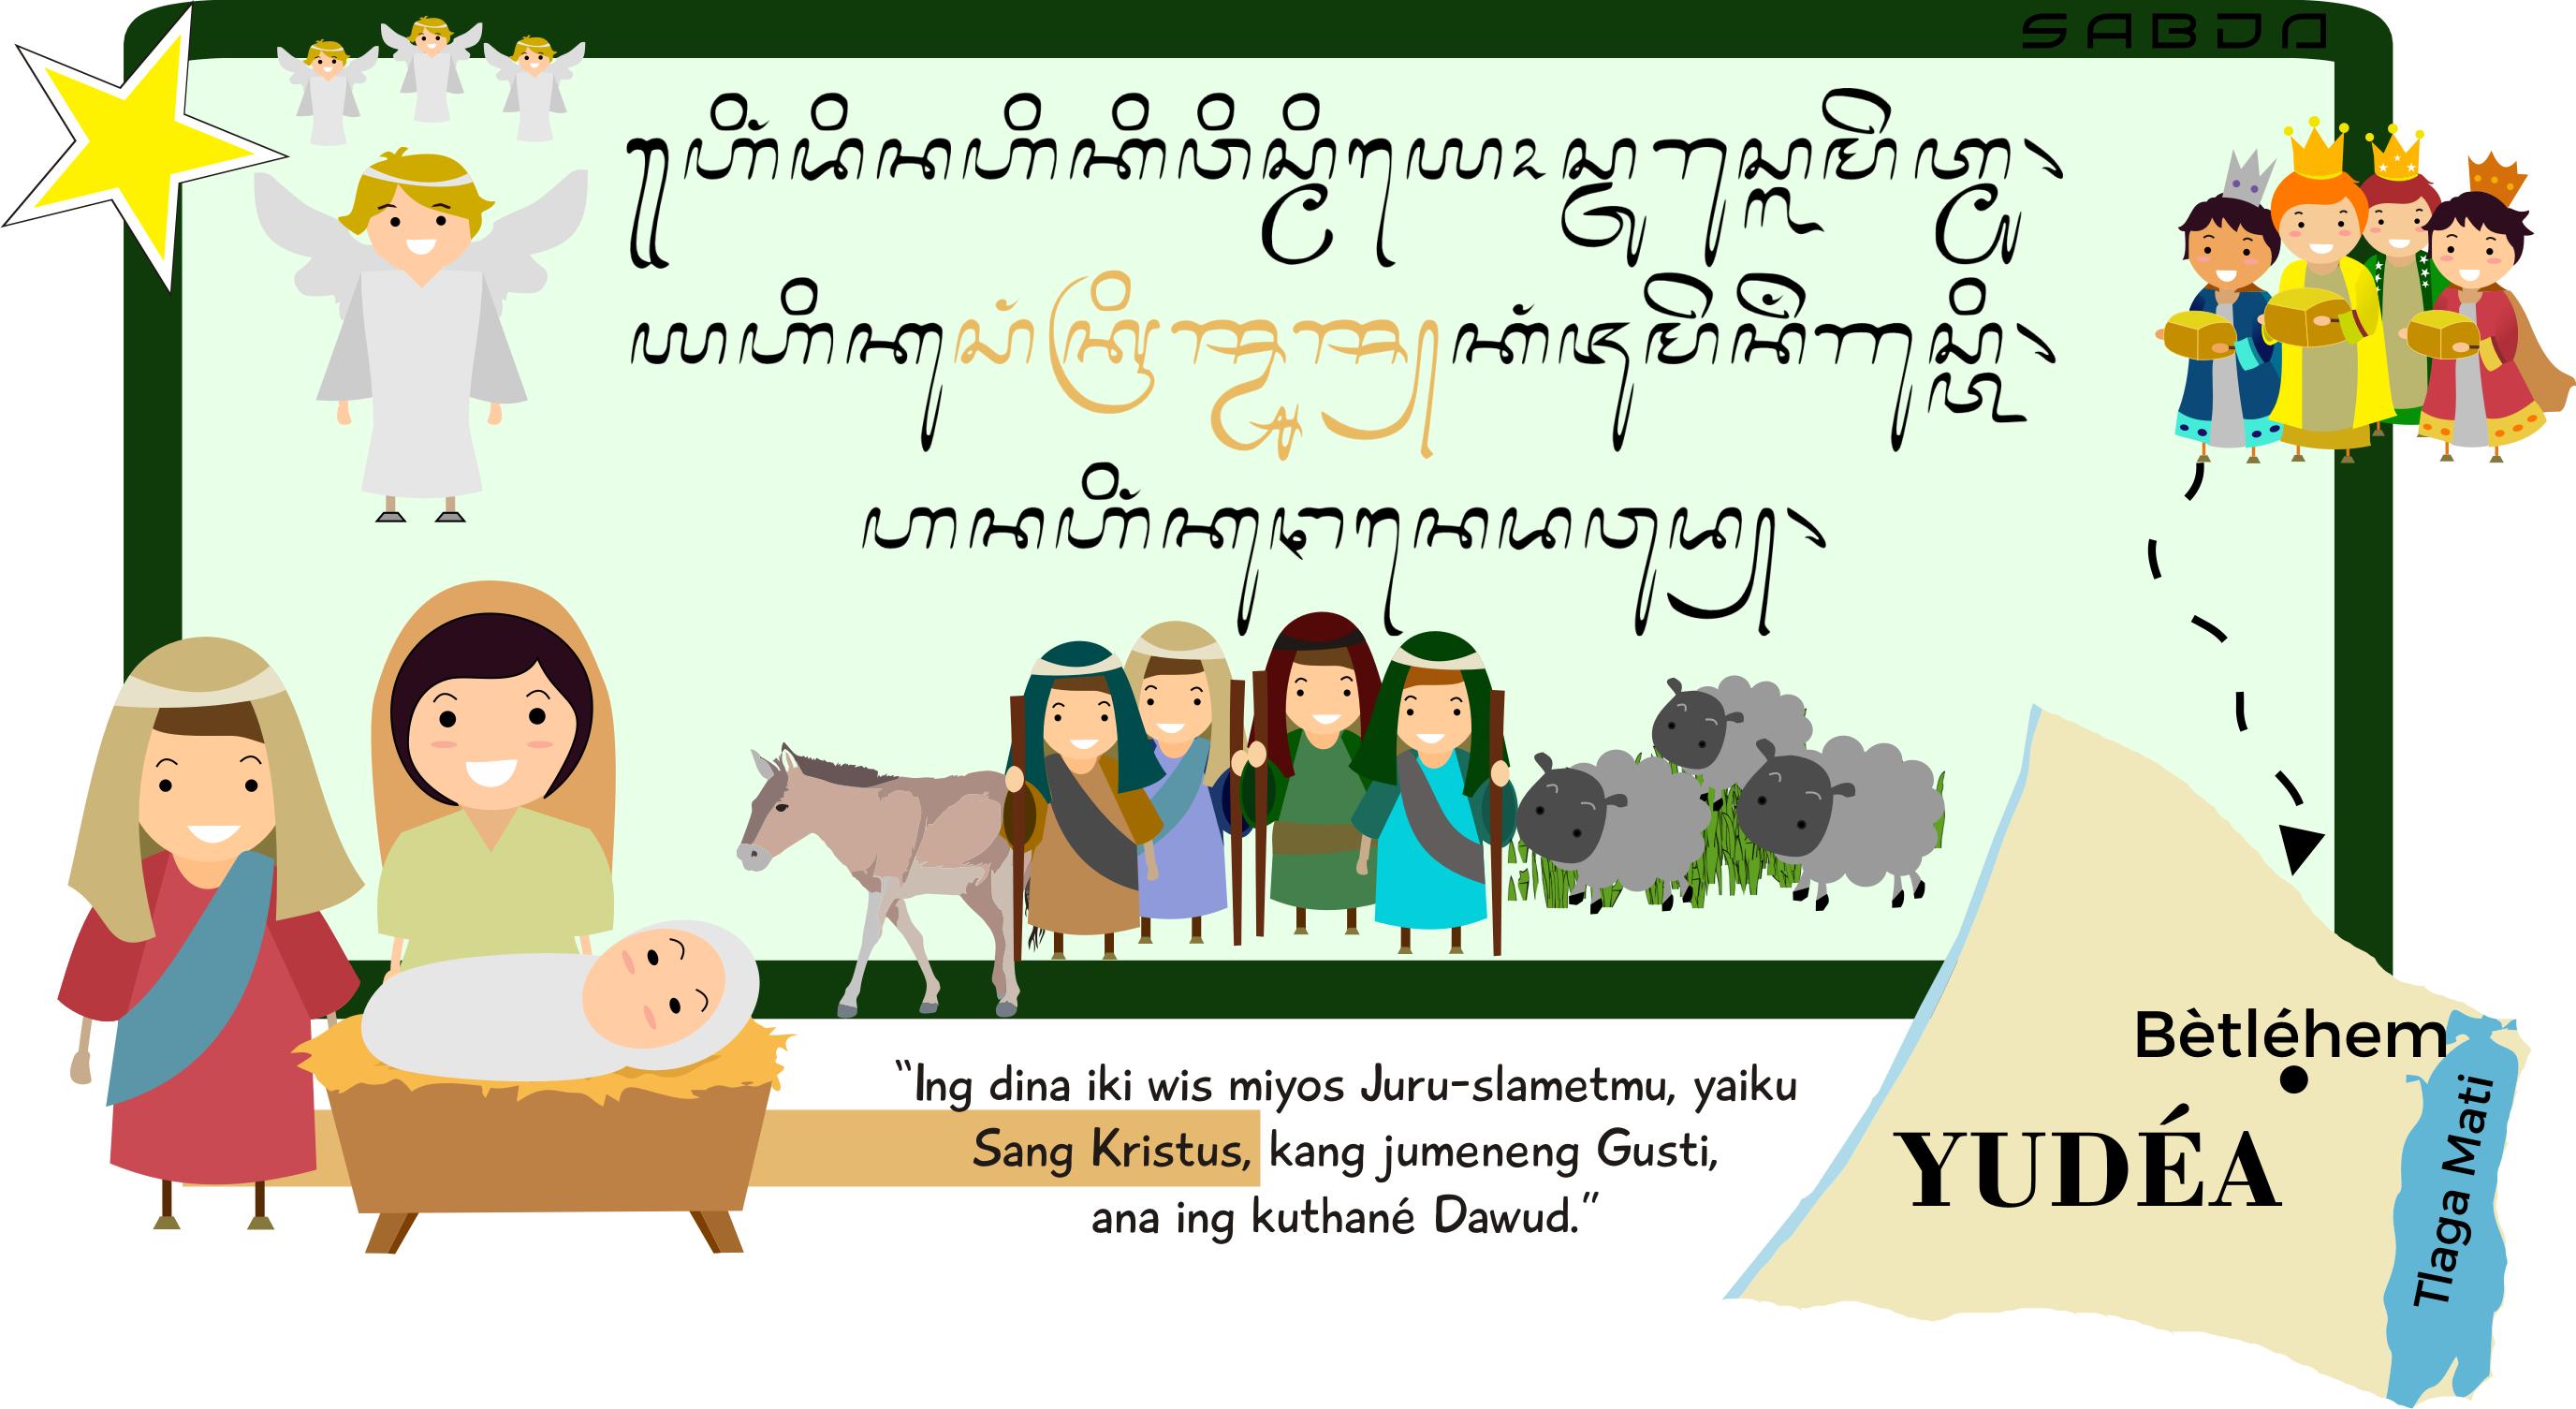 Kisah Kelahiran Yesus Miyose Gusti Yesus Bahasa Jawa Infografis Oleh Sabda